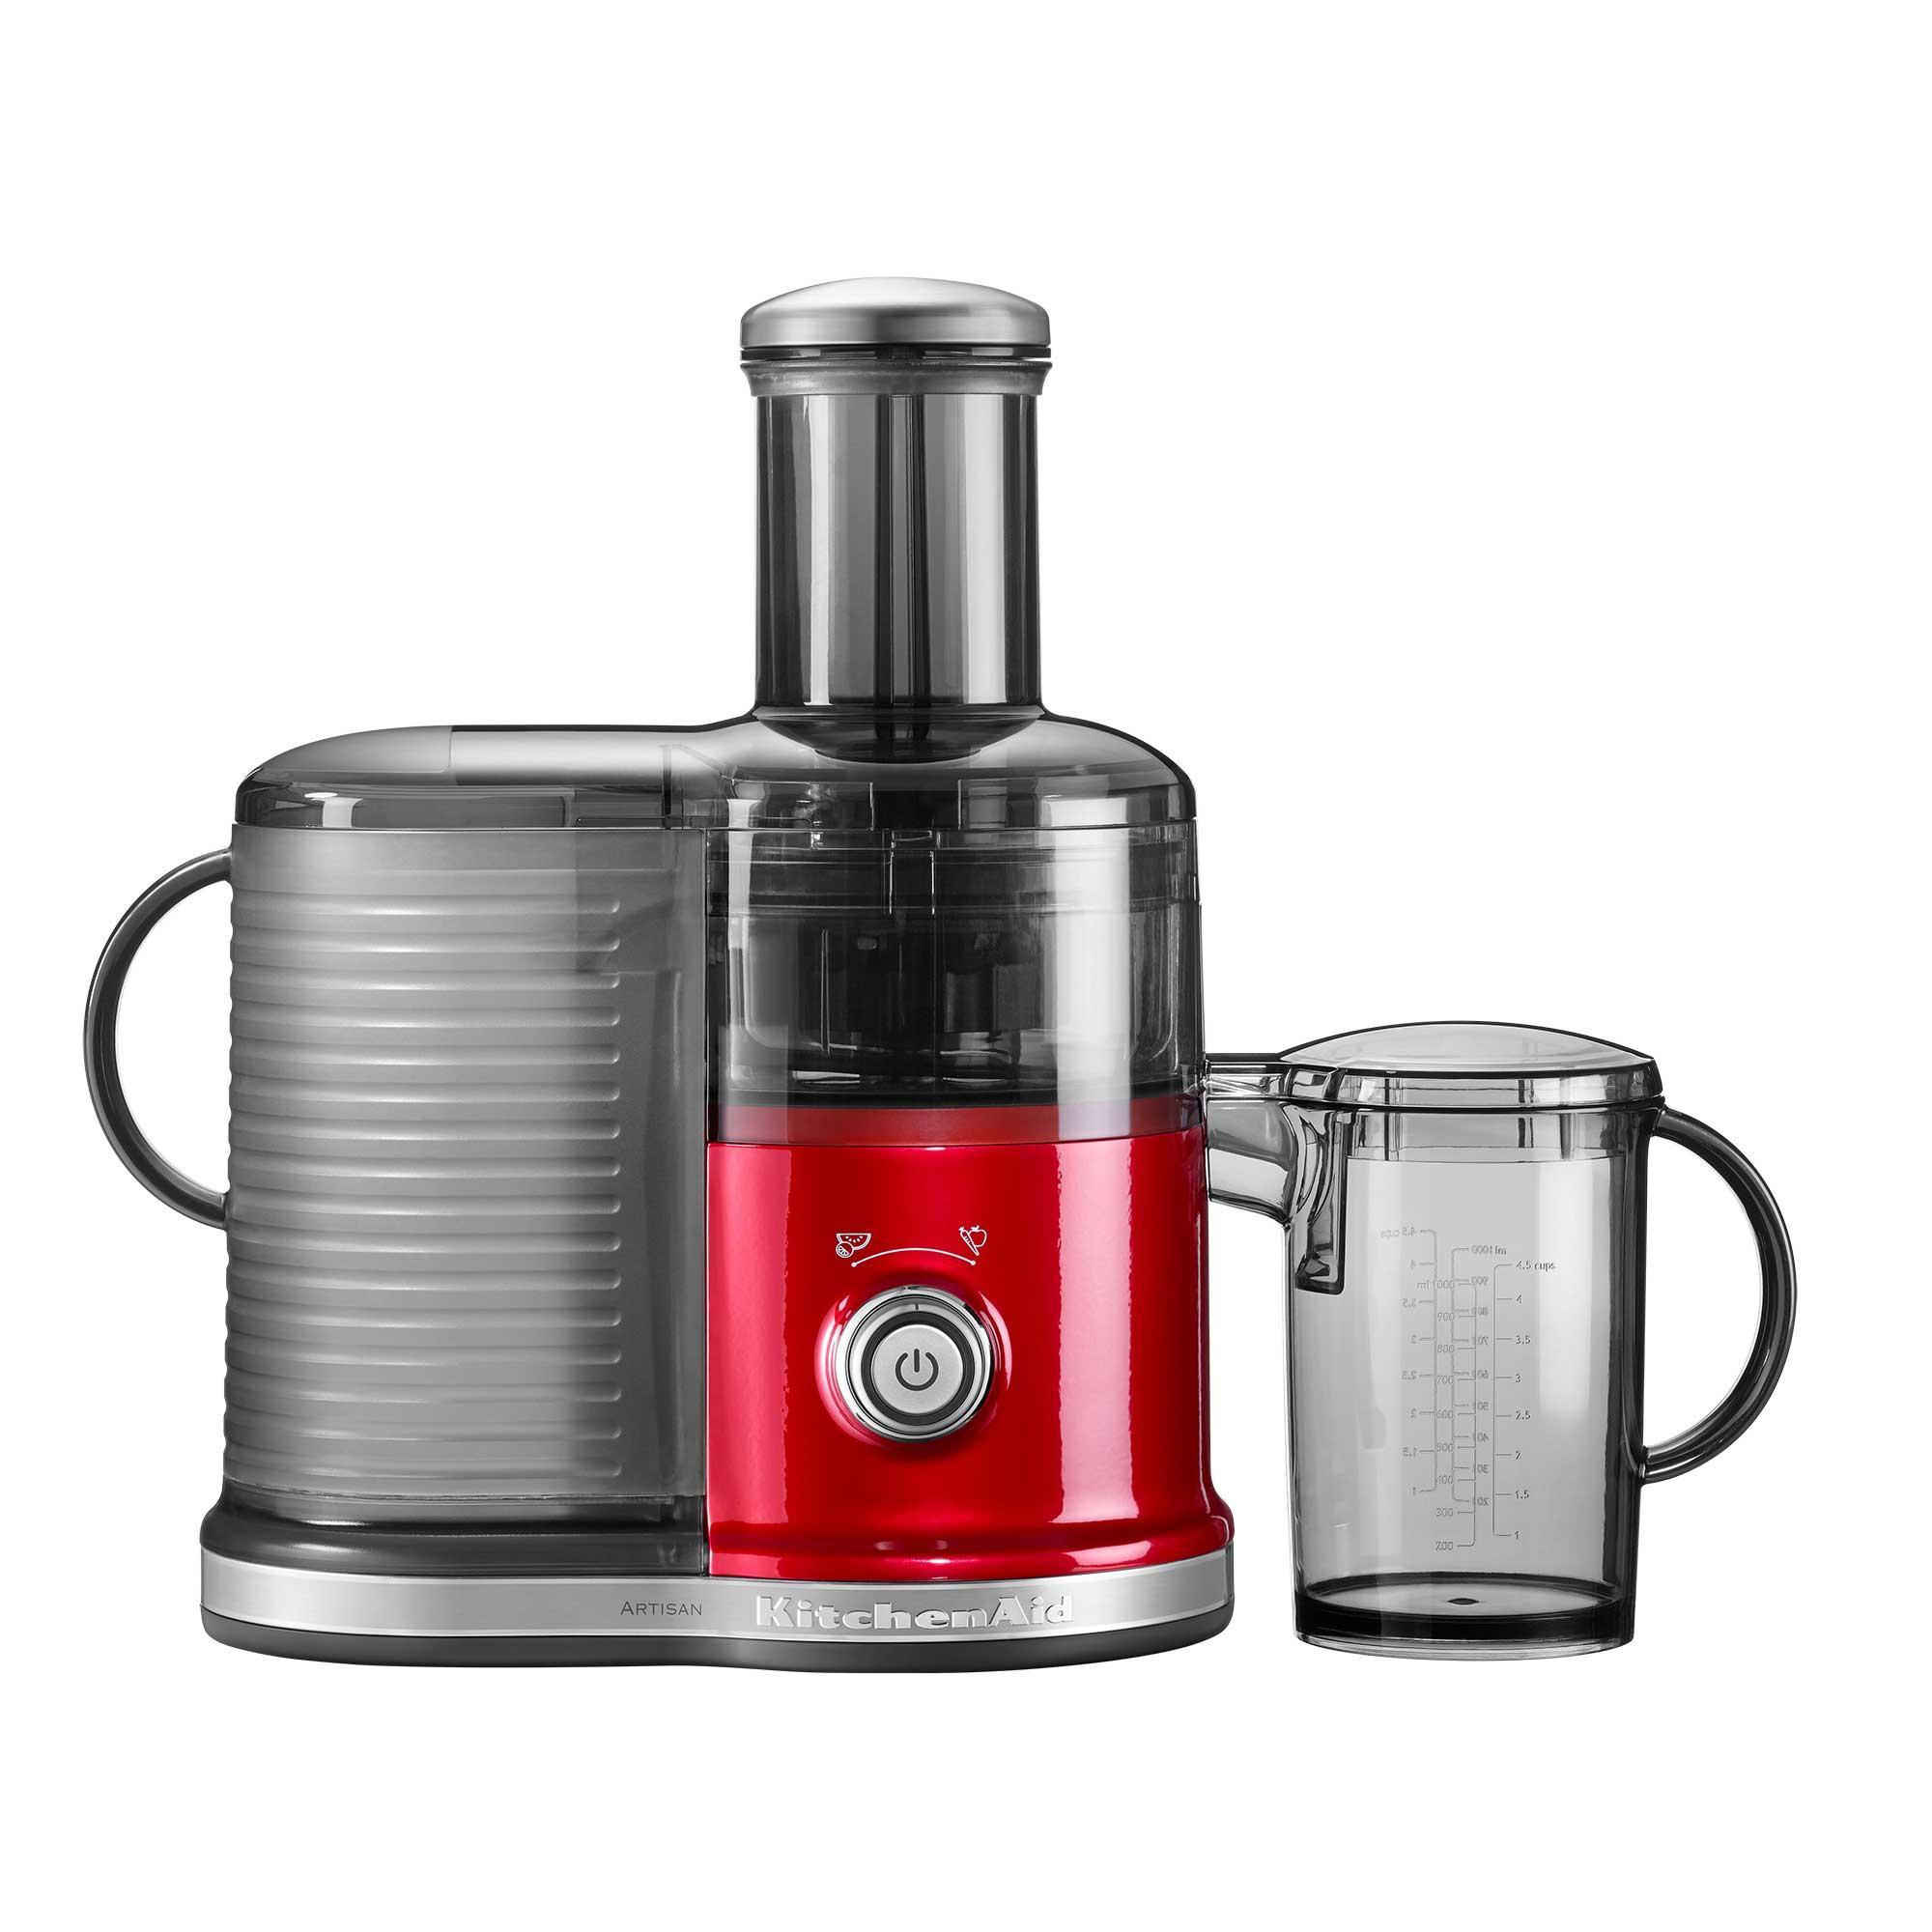 KitchenAid - Artisan 5KVJ0332 Zentrifugal Entsafter - Liebes-Apfel rot | Küche und Esszimmer > Küchengeräte > Entsafter | KitchenAid